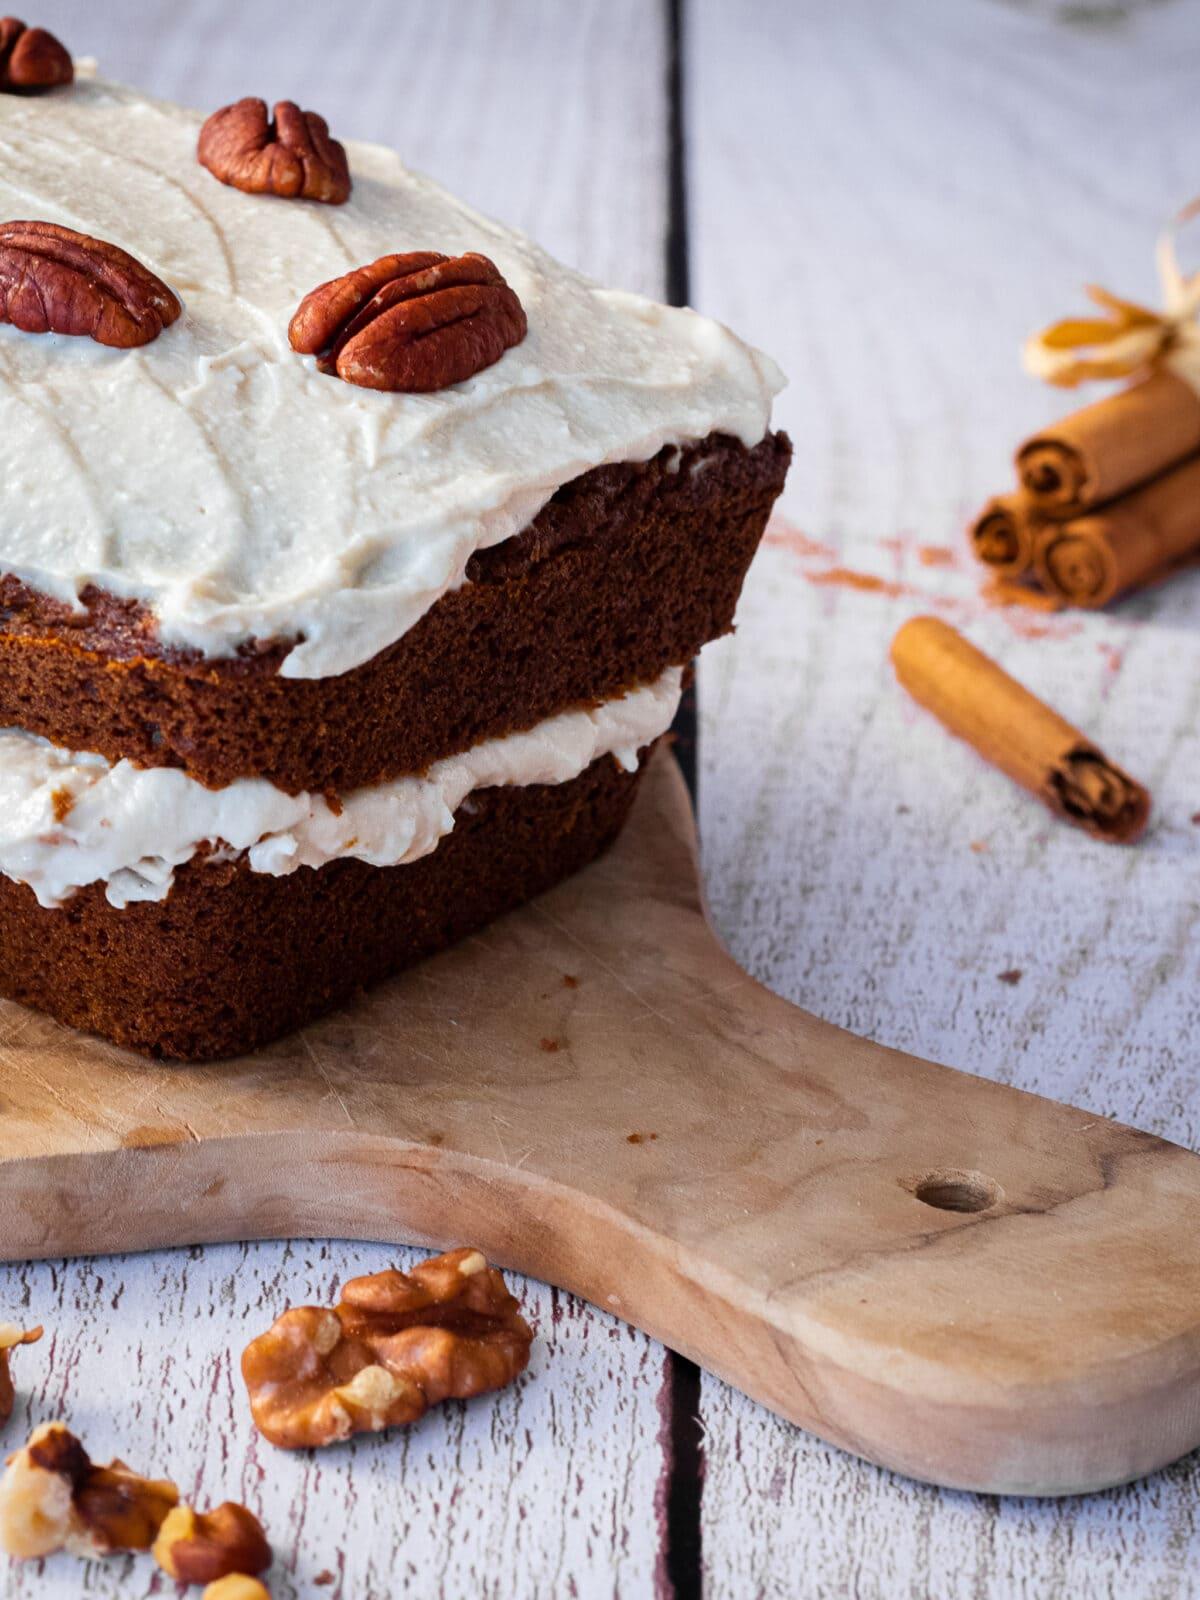 un delicieux carrot cake vegan avec son glacage ses noix de pecan sur une planche a decouper sur une table en bois avec des batons de cannelle et des cerneaux de noix